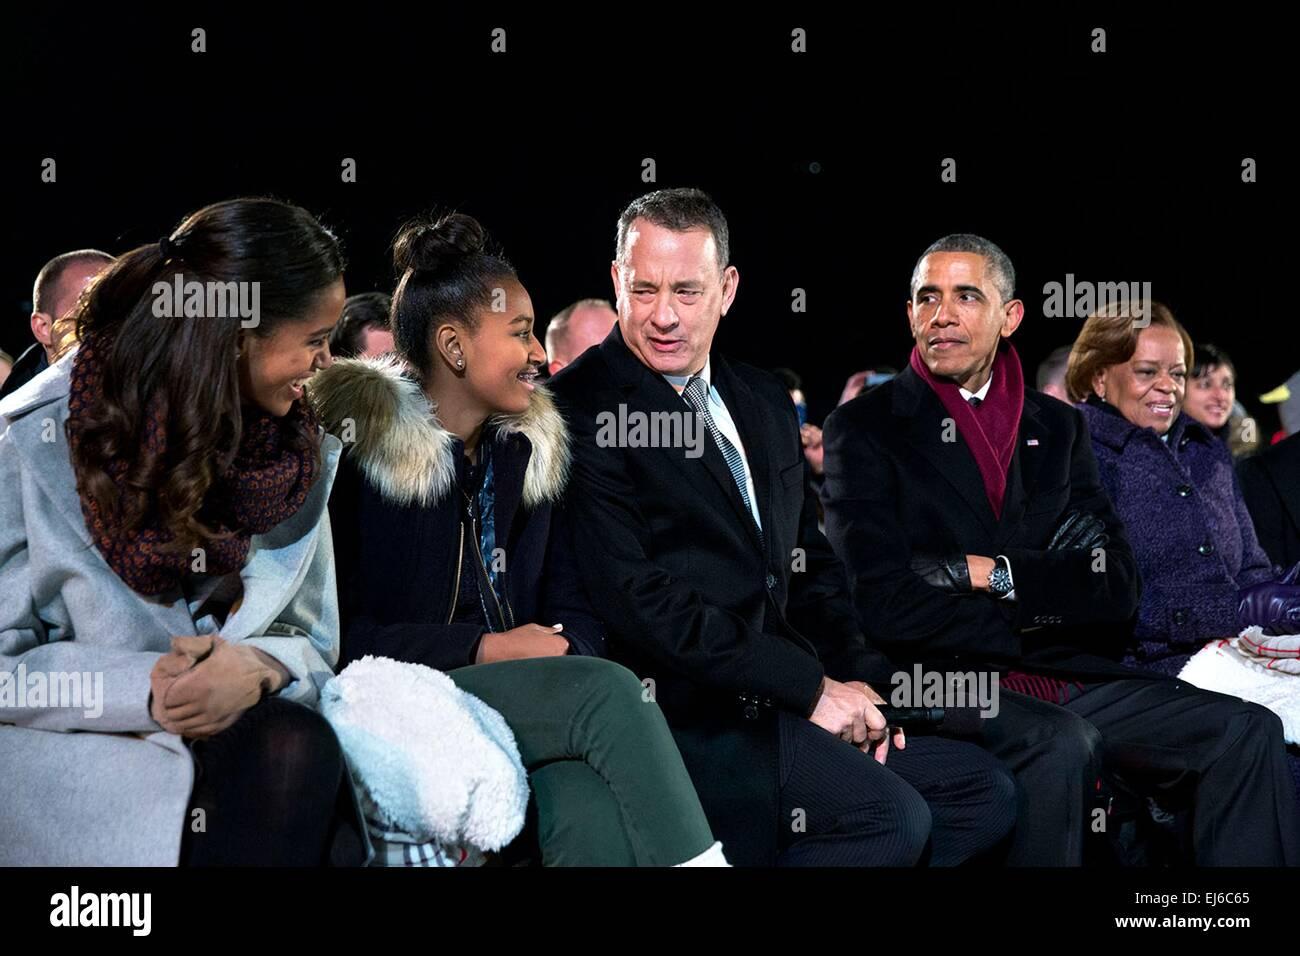 Actor Tom Hanks jokes with Malia and Sasha as President Barack Obama looks on at the National Christmas Tree lighting - Stock Image